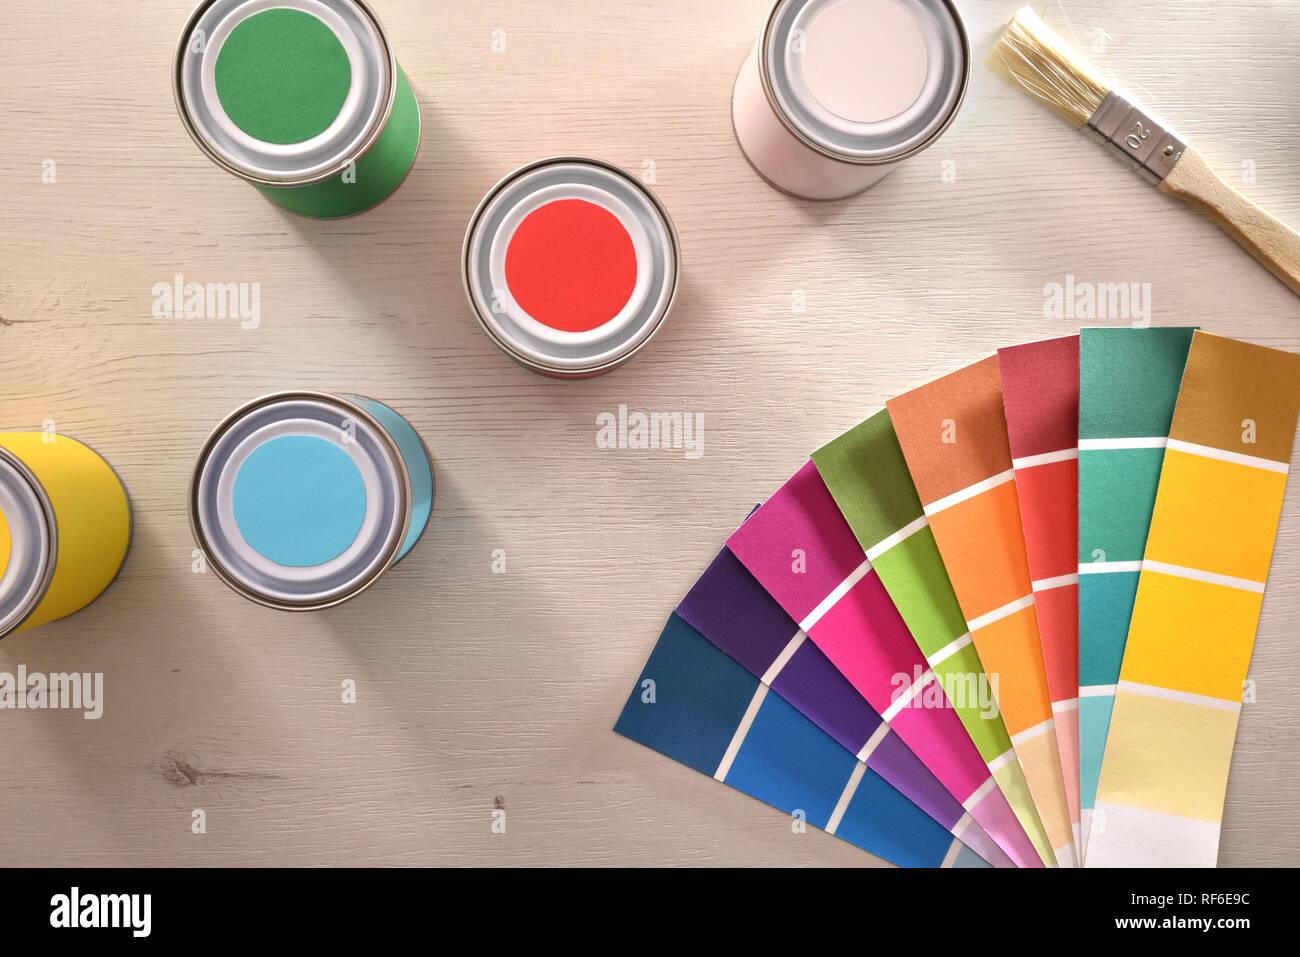 Farbige Lacke und Farben auf weißem Tabelle für die Renovierung der Materialien. Ansicht von oben. Horizontale Komposition. Stockfoto